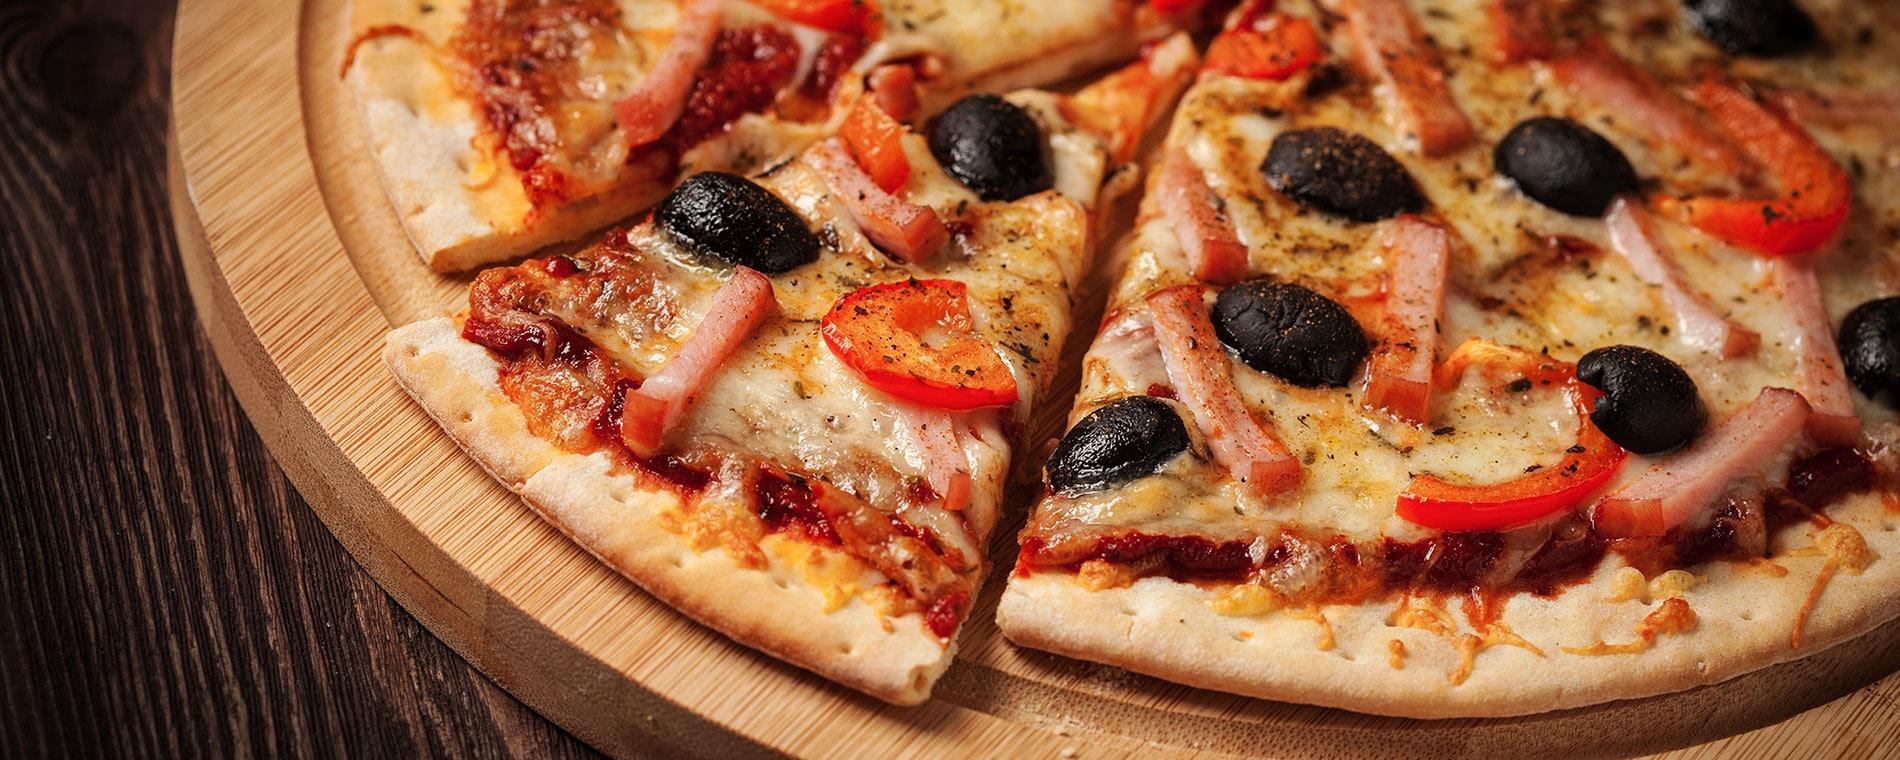 oktober 2018 die perfekte pizza rezept ratgeber hilfe. Black Bedroom Furniture Sets. Home Design Ideas